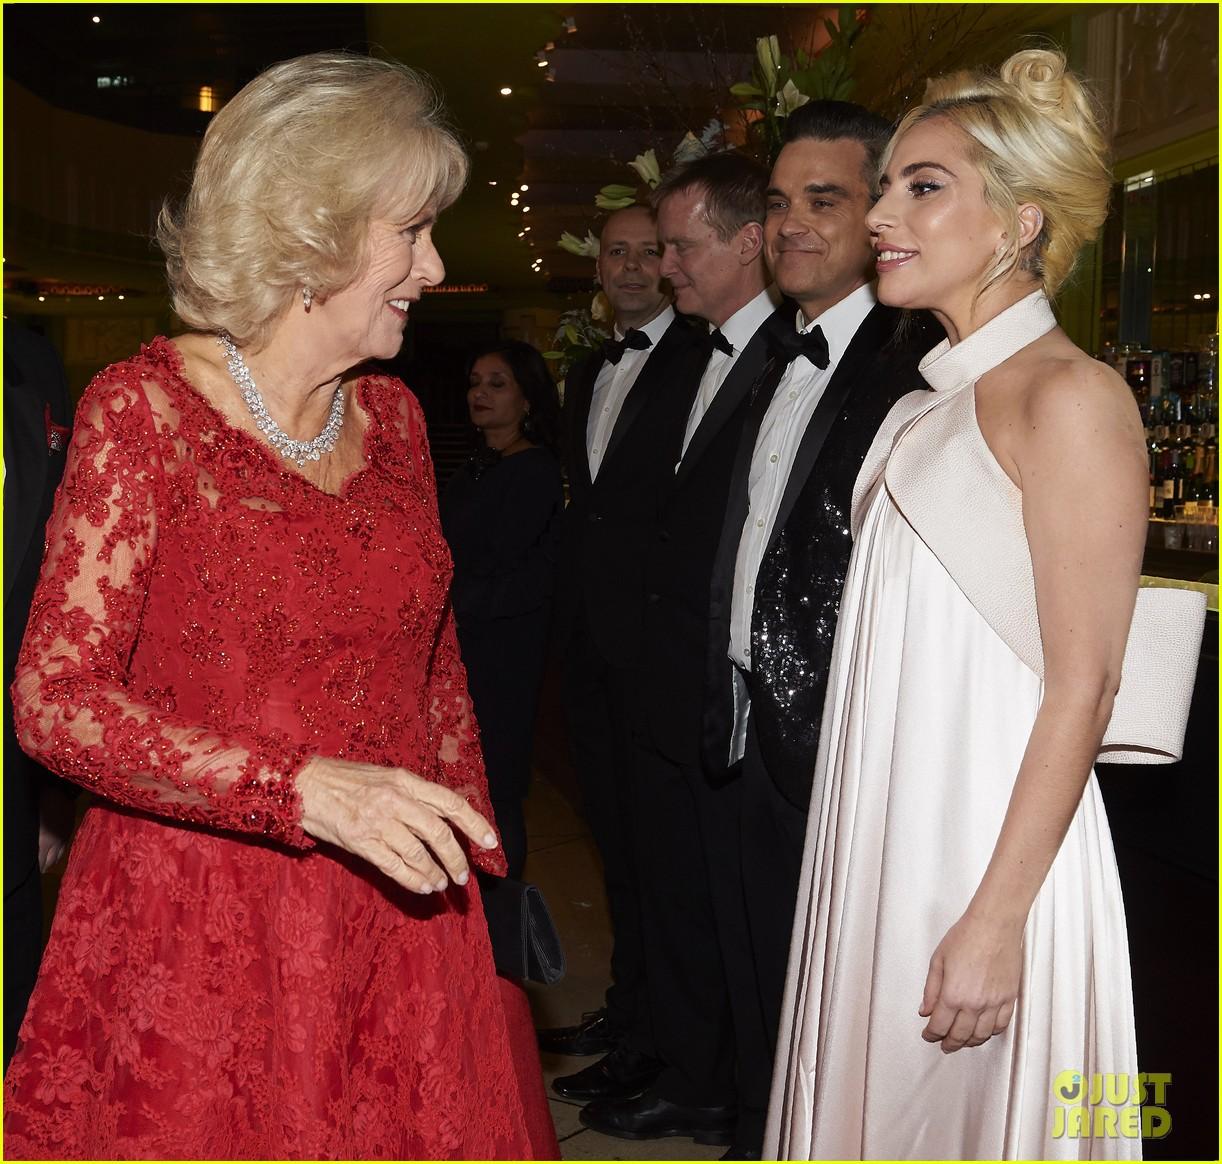 lady gaga meets prince charles at royal variety performance in london 013822728